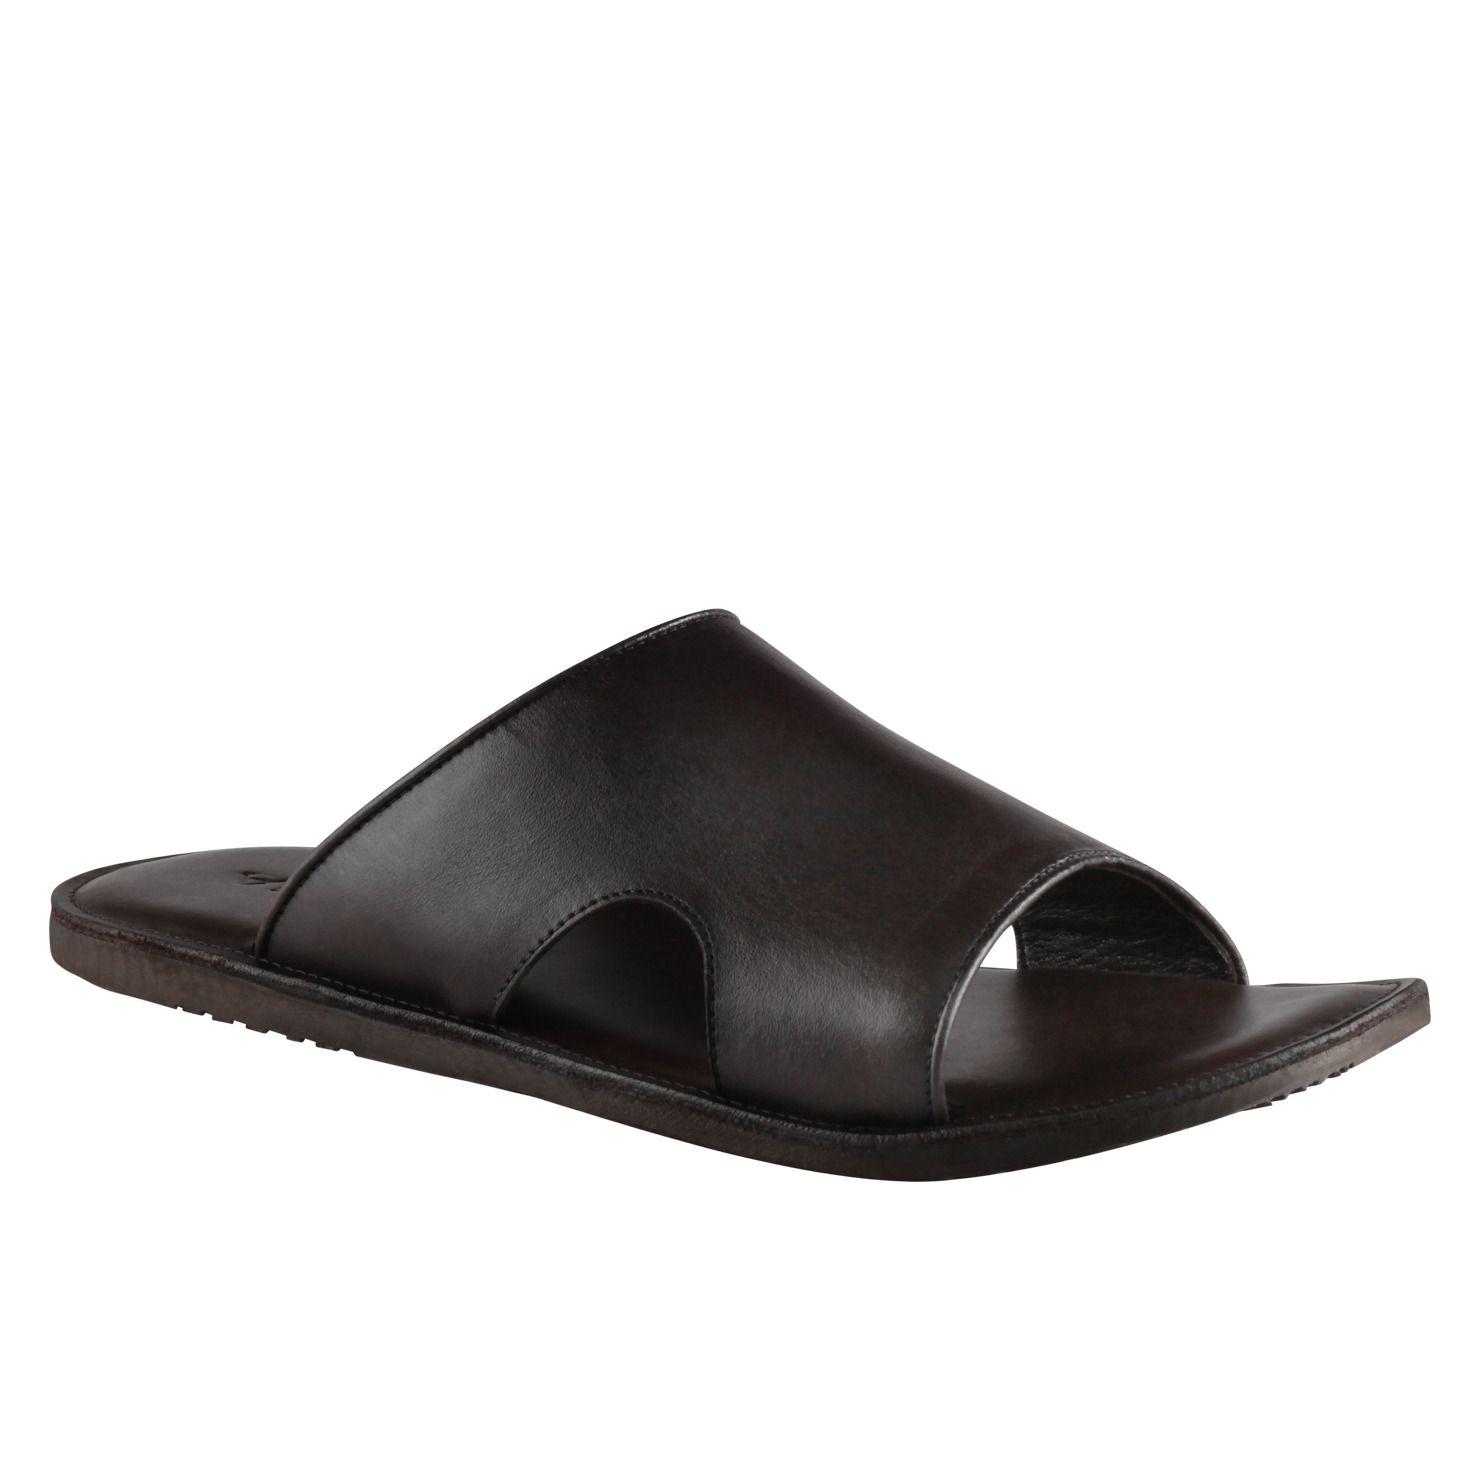 2154e56701f BUDVA - sale s sale sandals men for sale at ALDO Shoes.